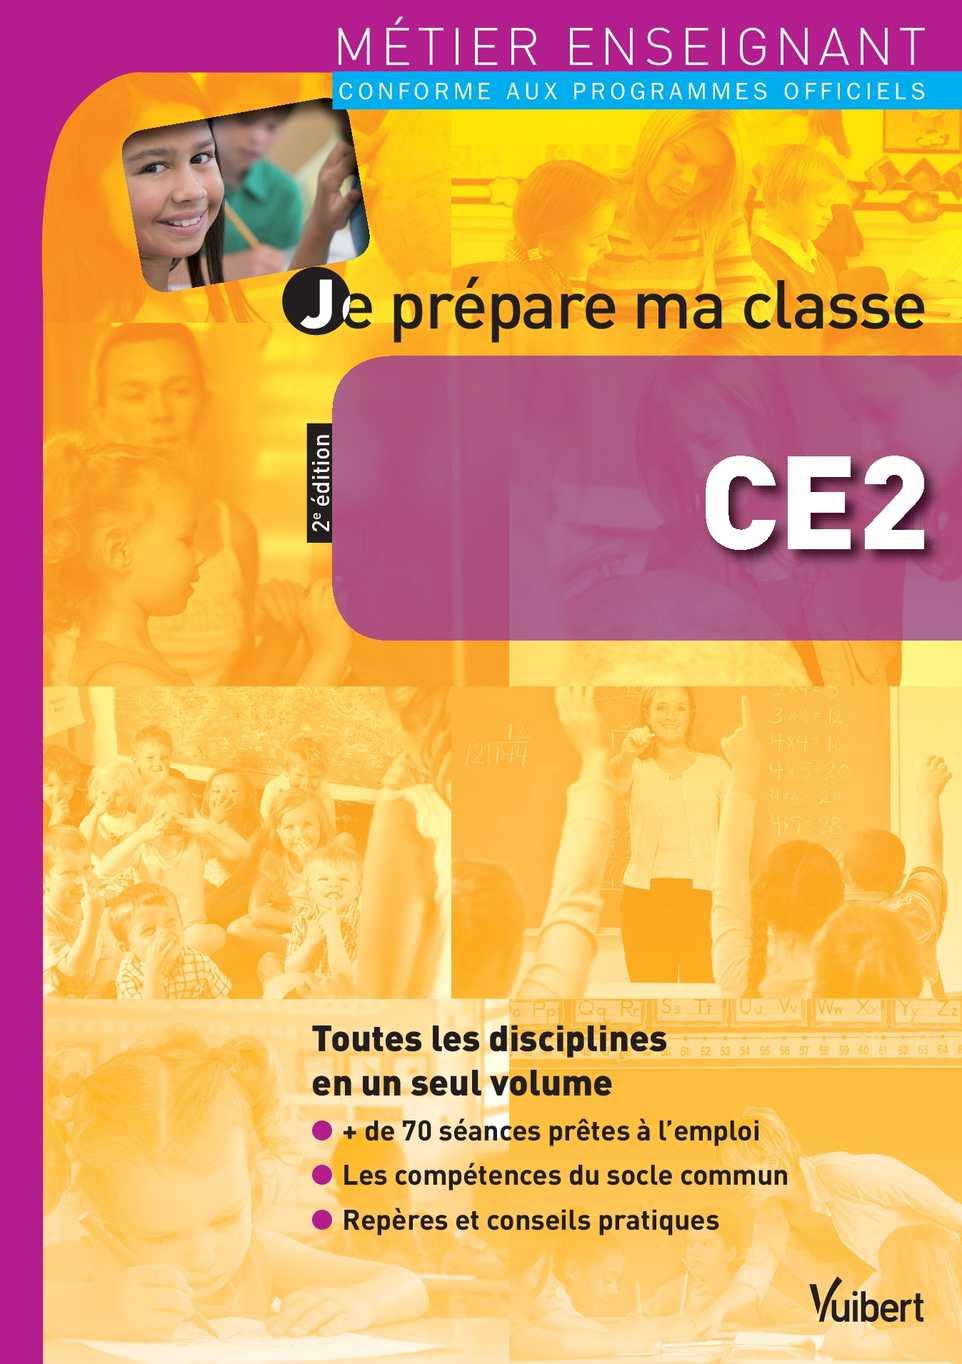 Calaméo - Extrait - Je prépare ma classe CE2 - Métier enseignant - Vuibert